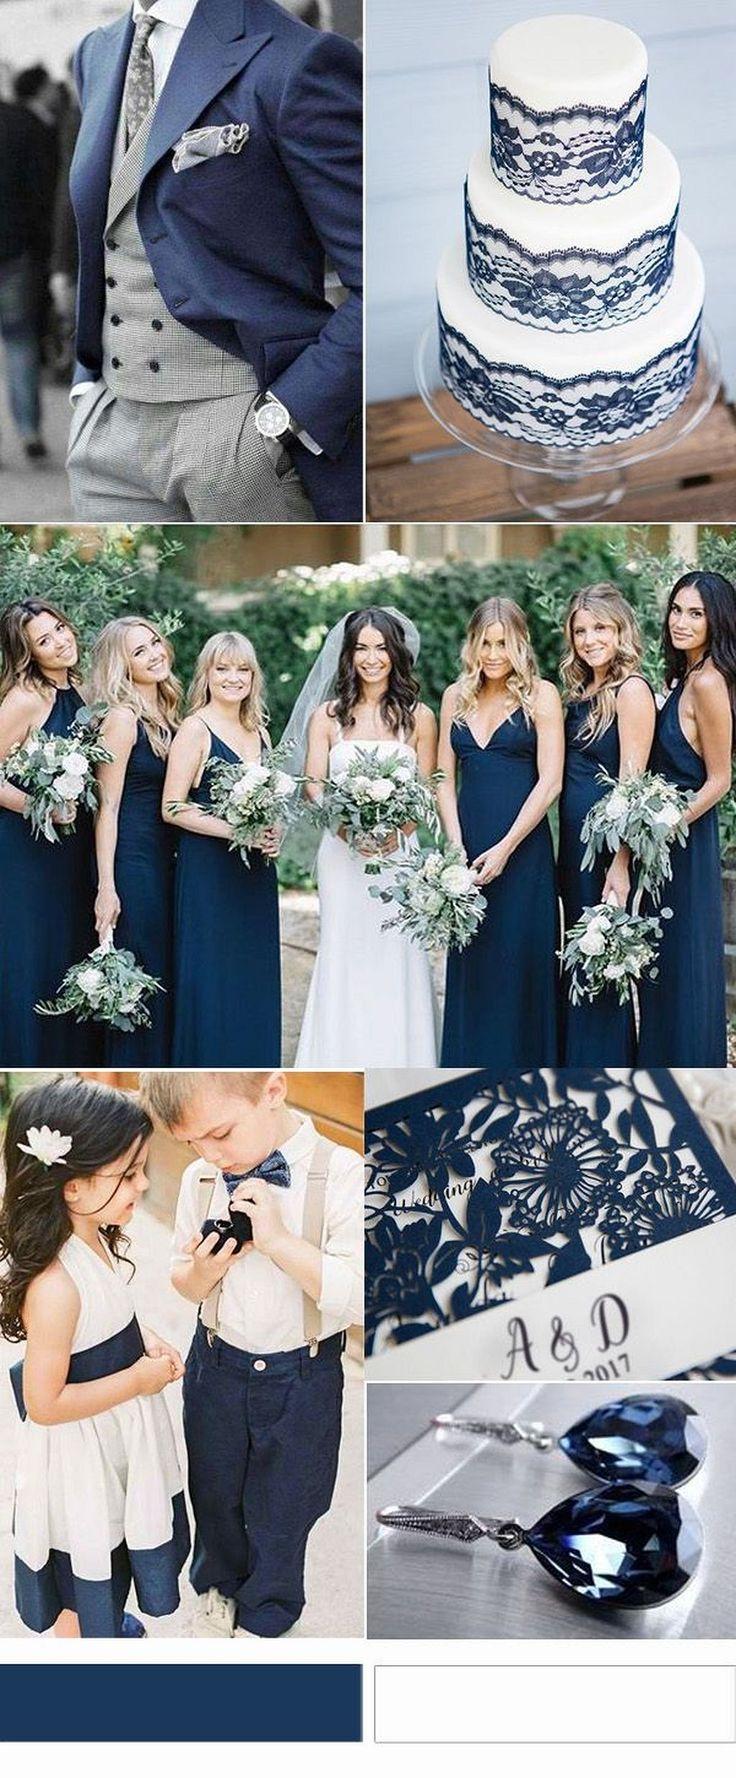 Gorgeous 108 Navy Blue Wedding Theme Ideas https://weddmagz.com/108-navy-blue-wedding-theme-ideas/